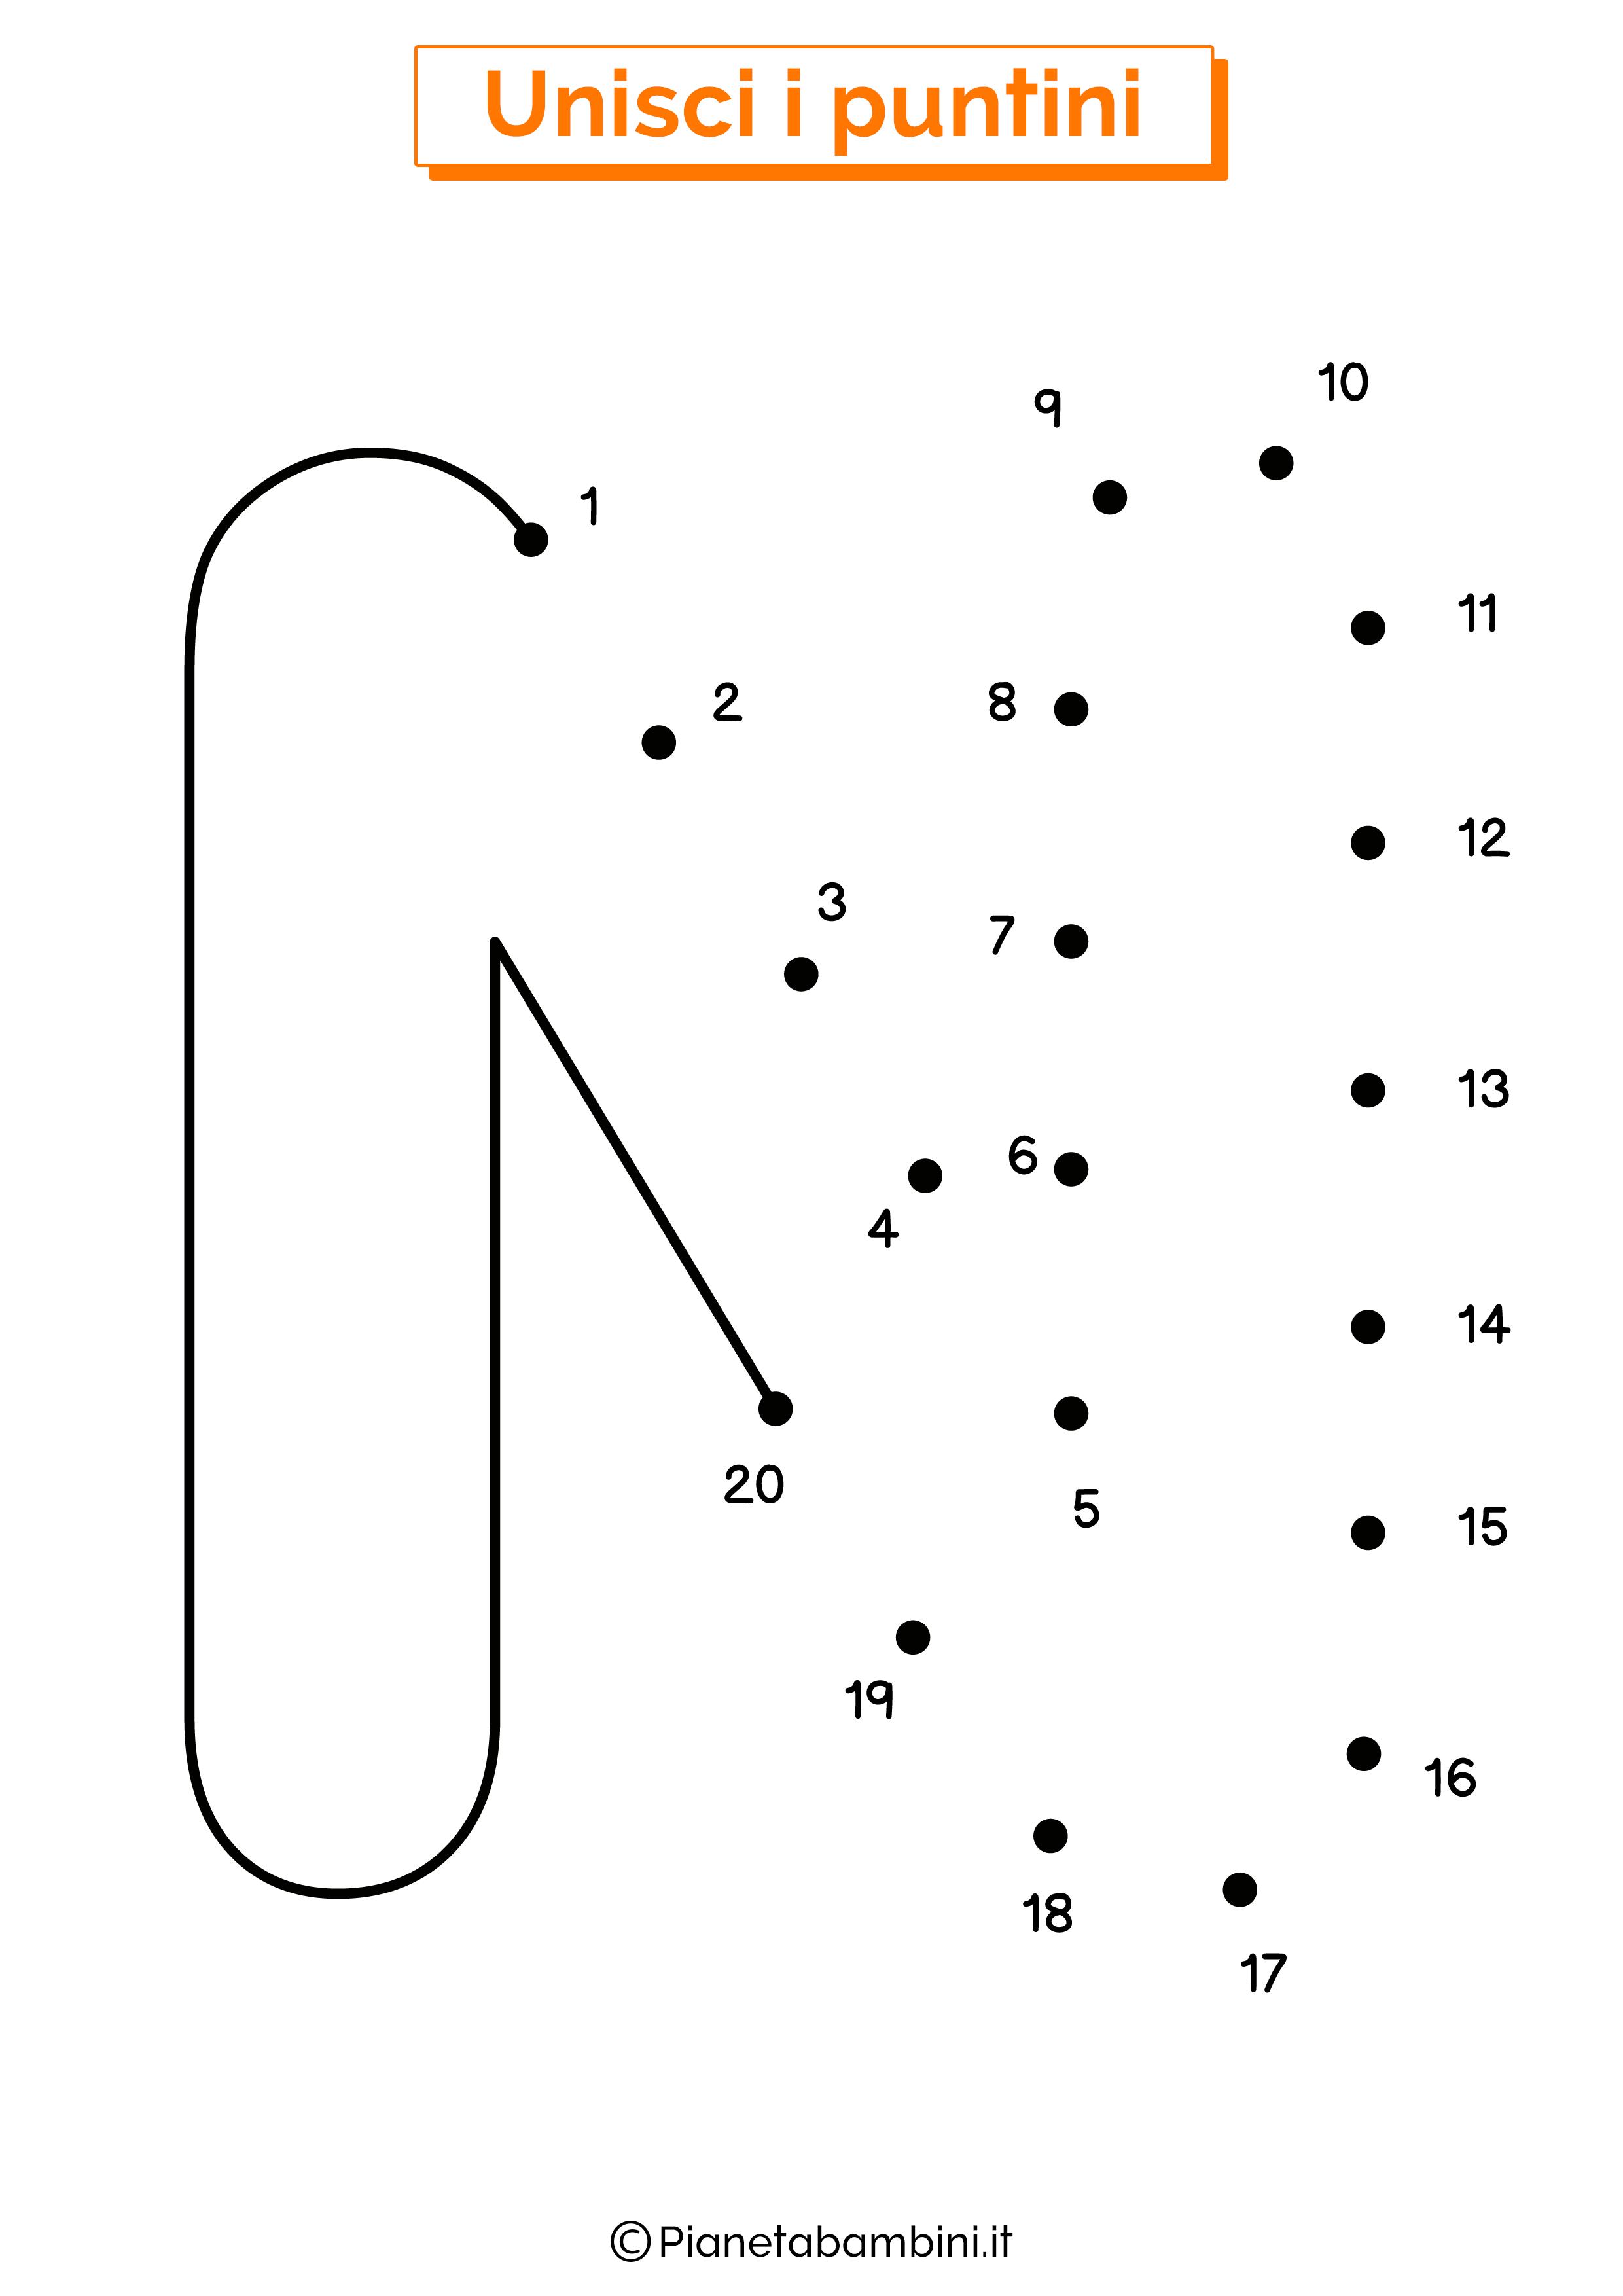 Unisci i puntini con la lettera N